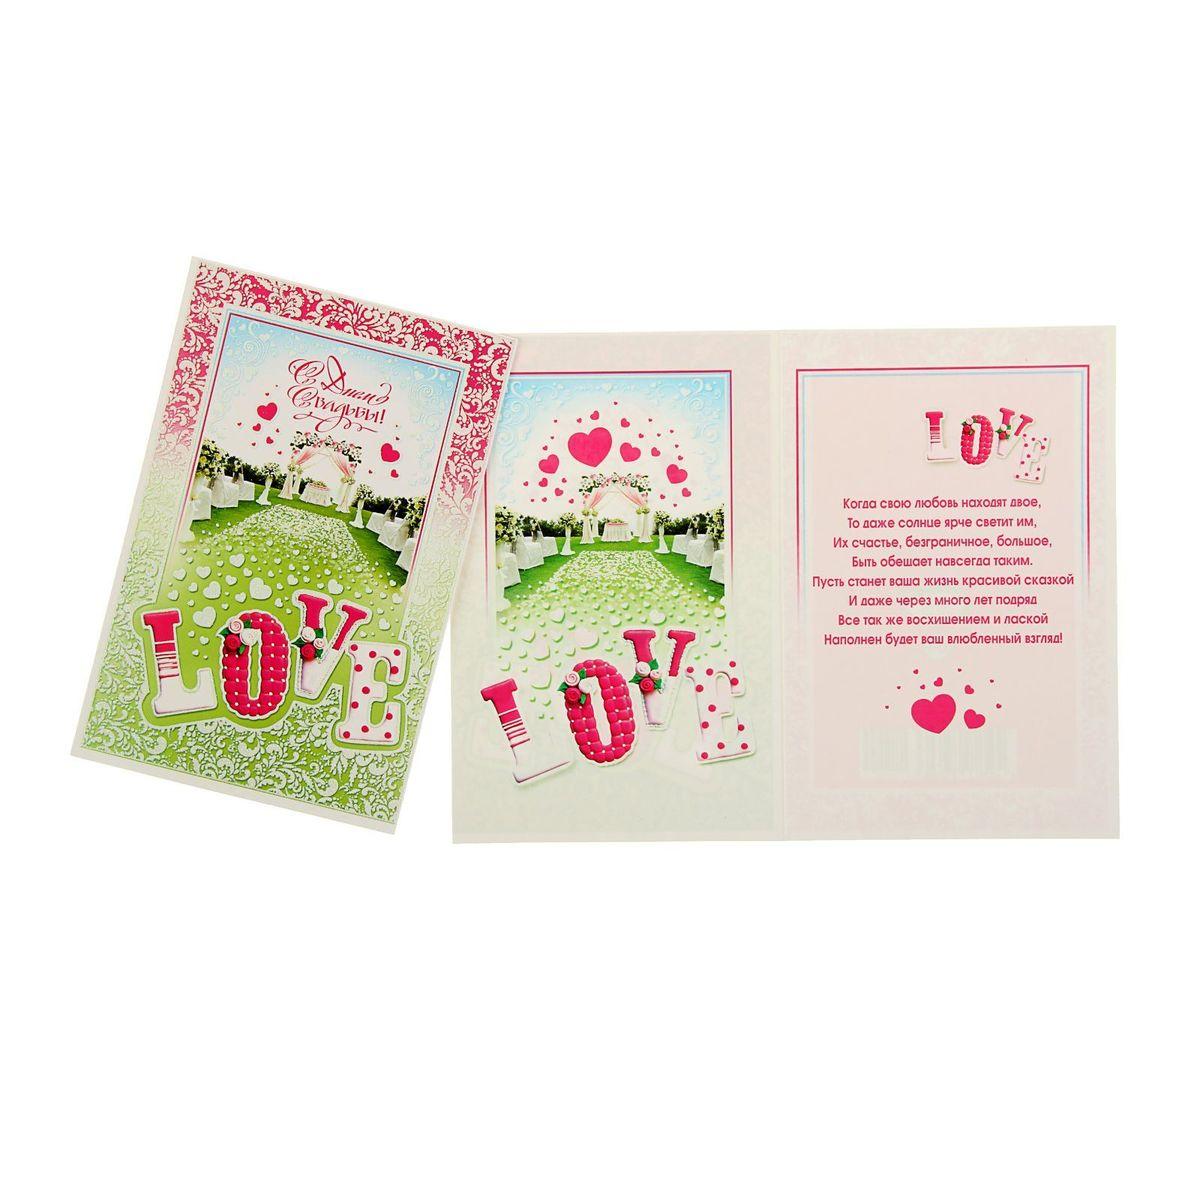 Открытка Мир открыток С Днем Свадьбы! LOVE41178Если вы хотите порадовать себя или близких, создать праздничное настроение и с улыбкой провести памятный день, то вы, несомненно, сделали правильный выбор! Открытка Мир открыток С Днем Свадьбы! LOVE, выполненная из картона, отличается не только оригинальным дизайном, но и высоким качеством.Лицевая сторона изделия оформлена красивым изображением и изысканным белым узором. Внутри открытка содержит текст с поздравлением.Такая открытка непременно порадует получателя и станет отличным напоминанием о проведенном вместе времени.